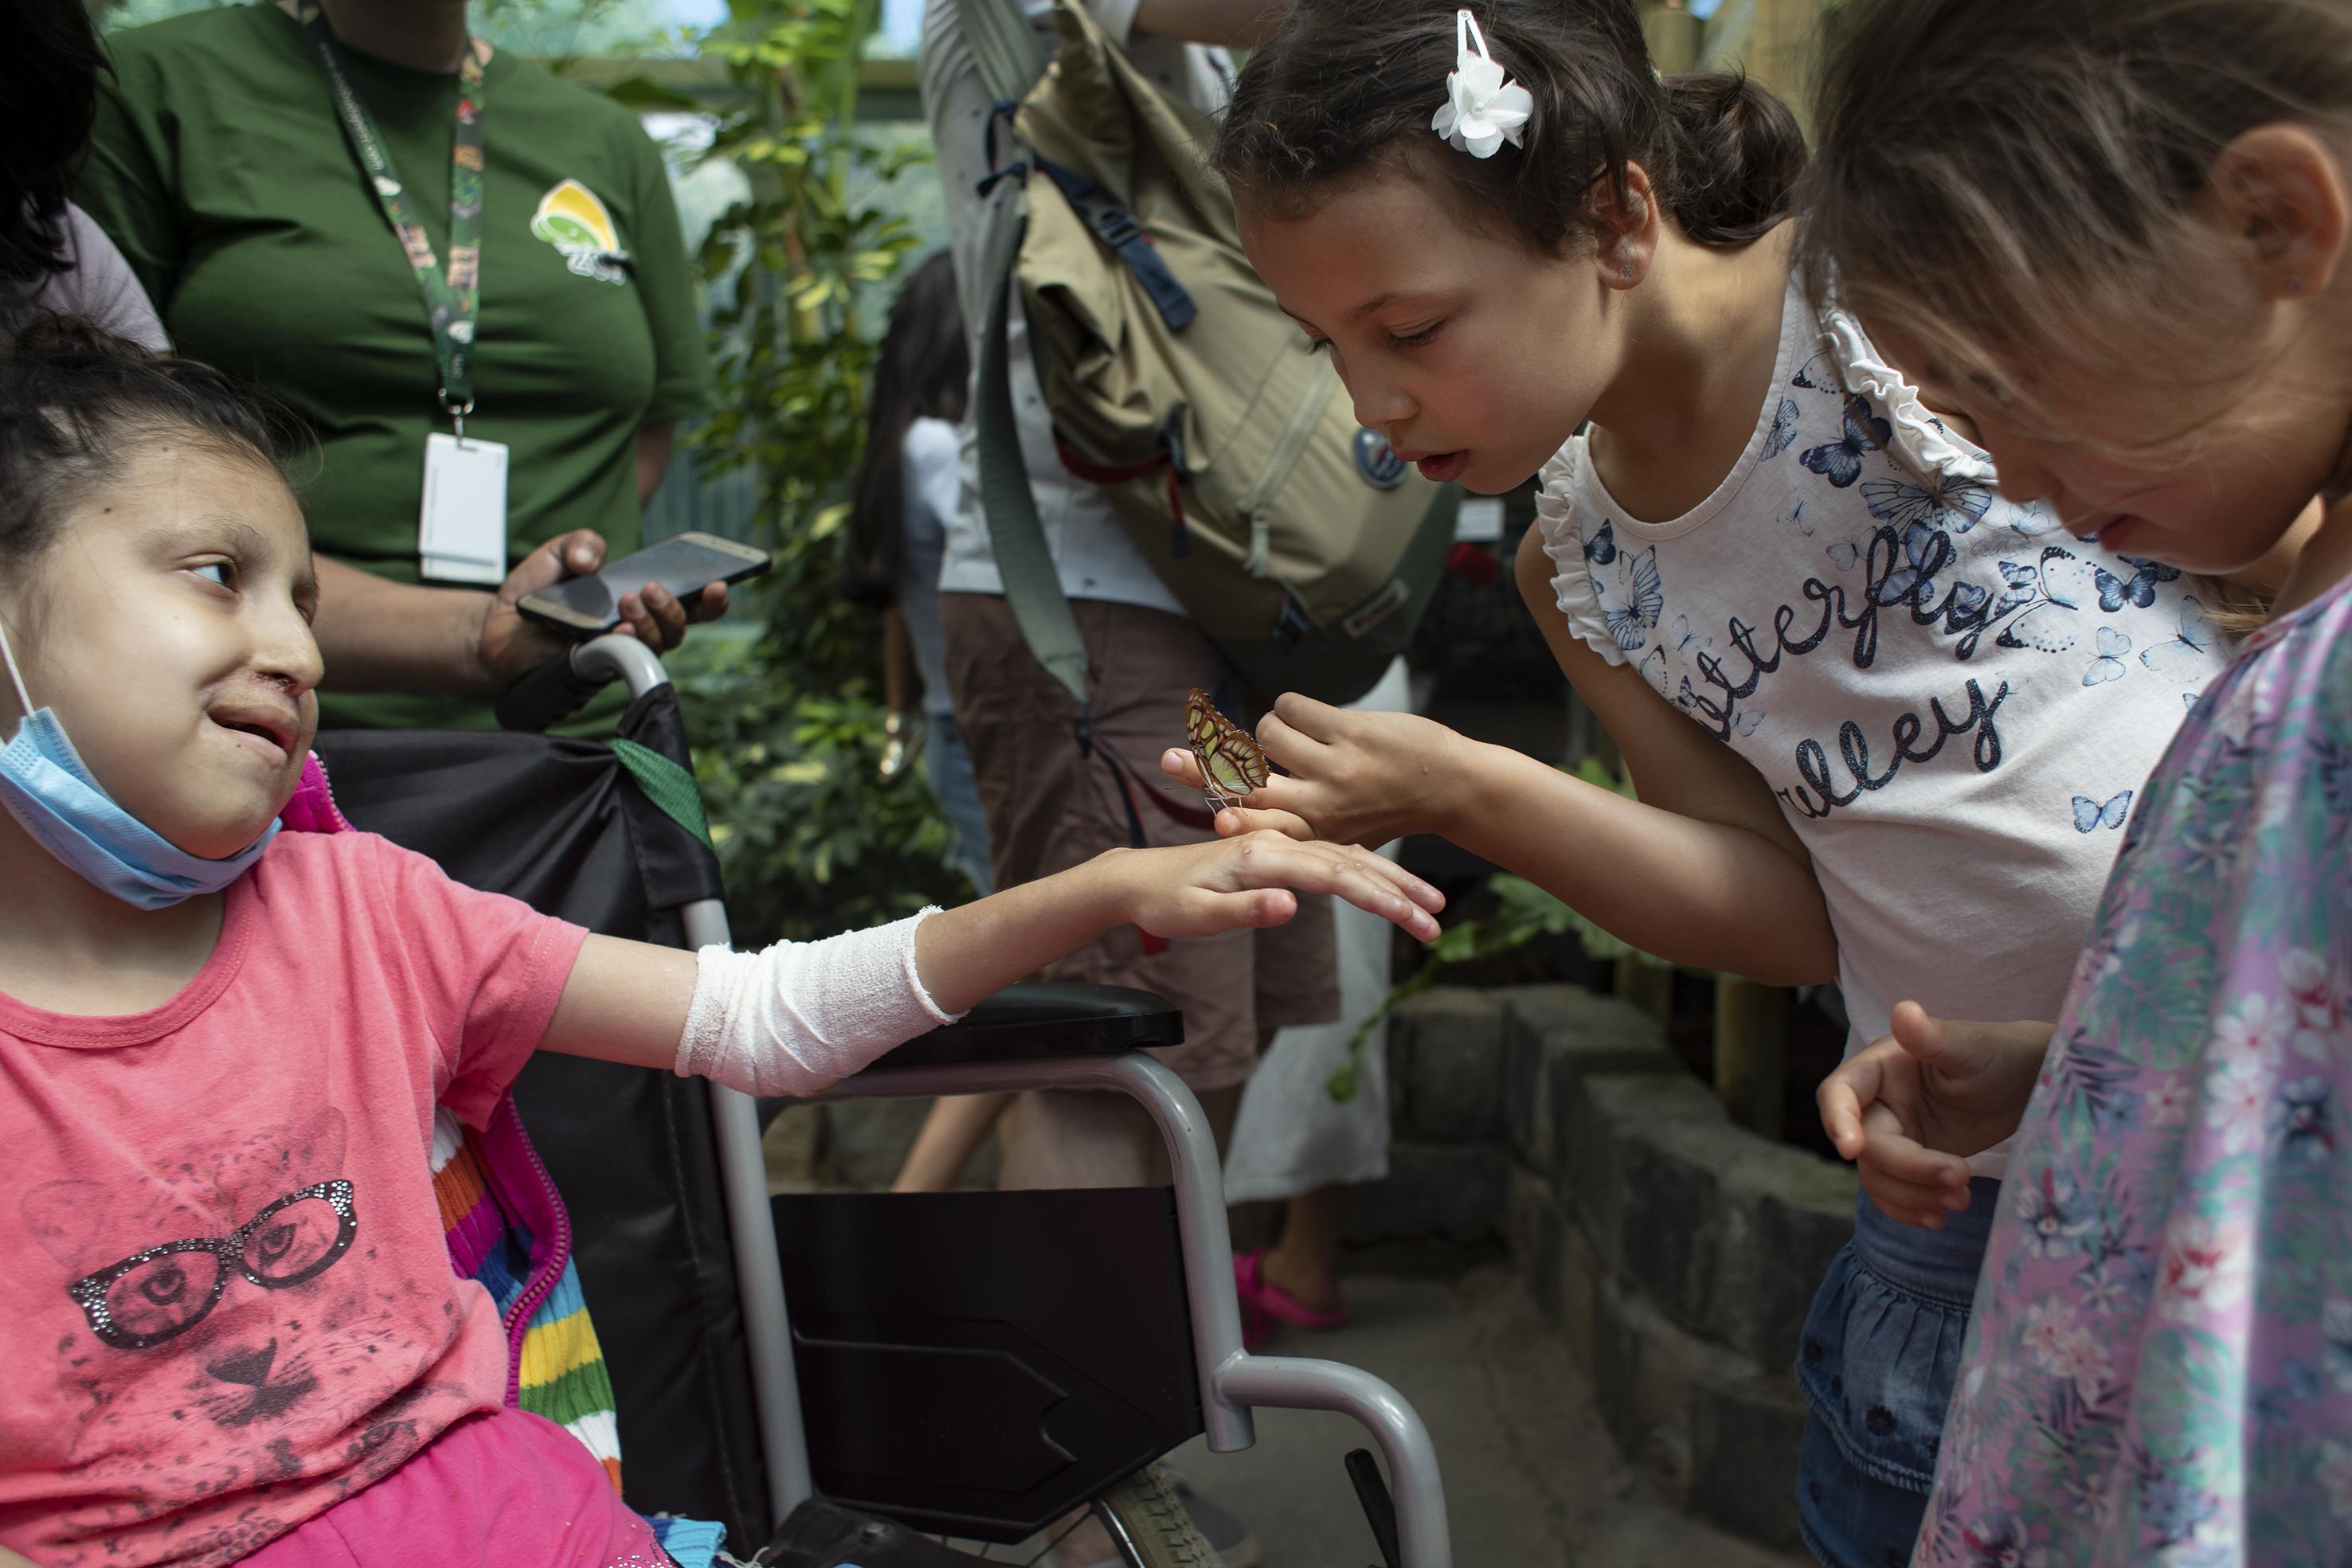 Fotó: Kovács Bea: A Fővárosi Állatkertben, ahová születésnapi ajándékként jutott el, gyerekek kedveskedtek neki. Társaságuk nagy örömmel töltötte őt el Mirandát.